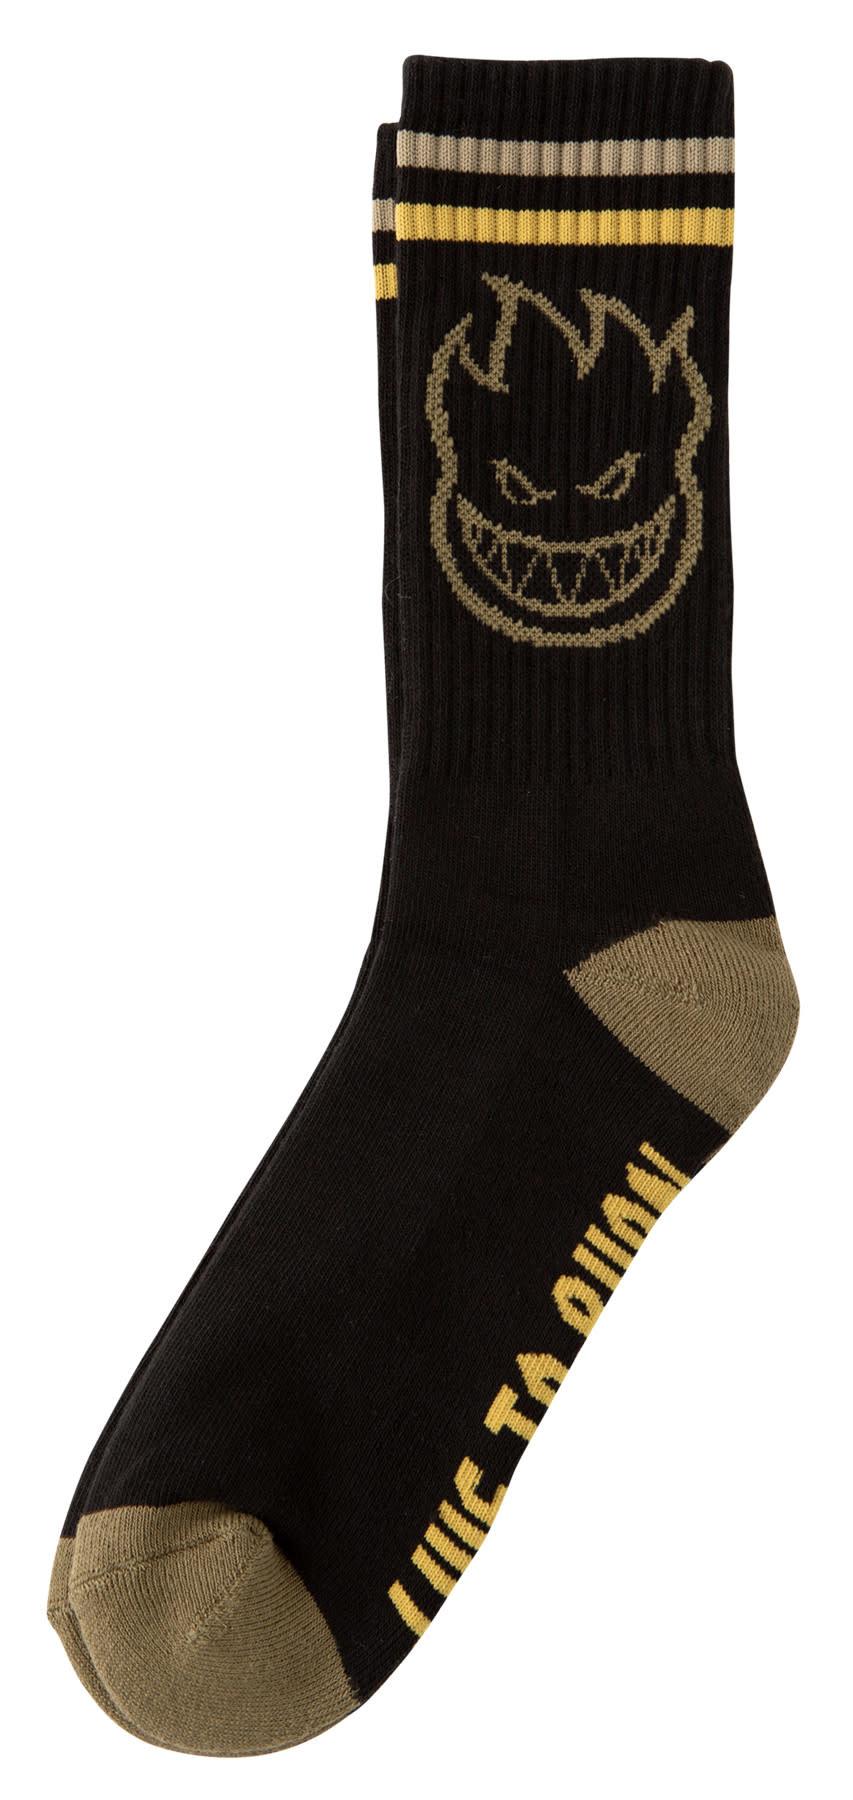 Spitfire Spitfire Bighead Sock - Black/Gold/Olive